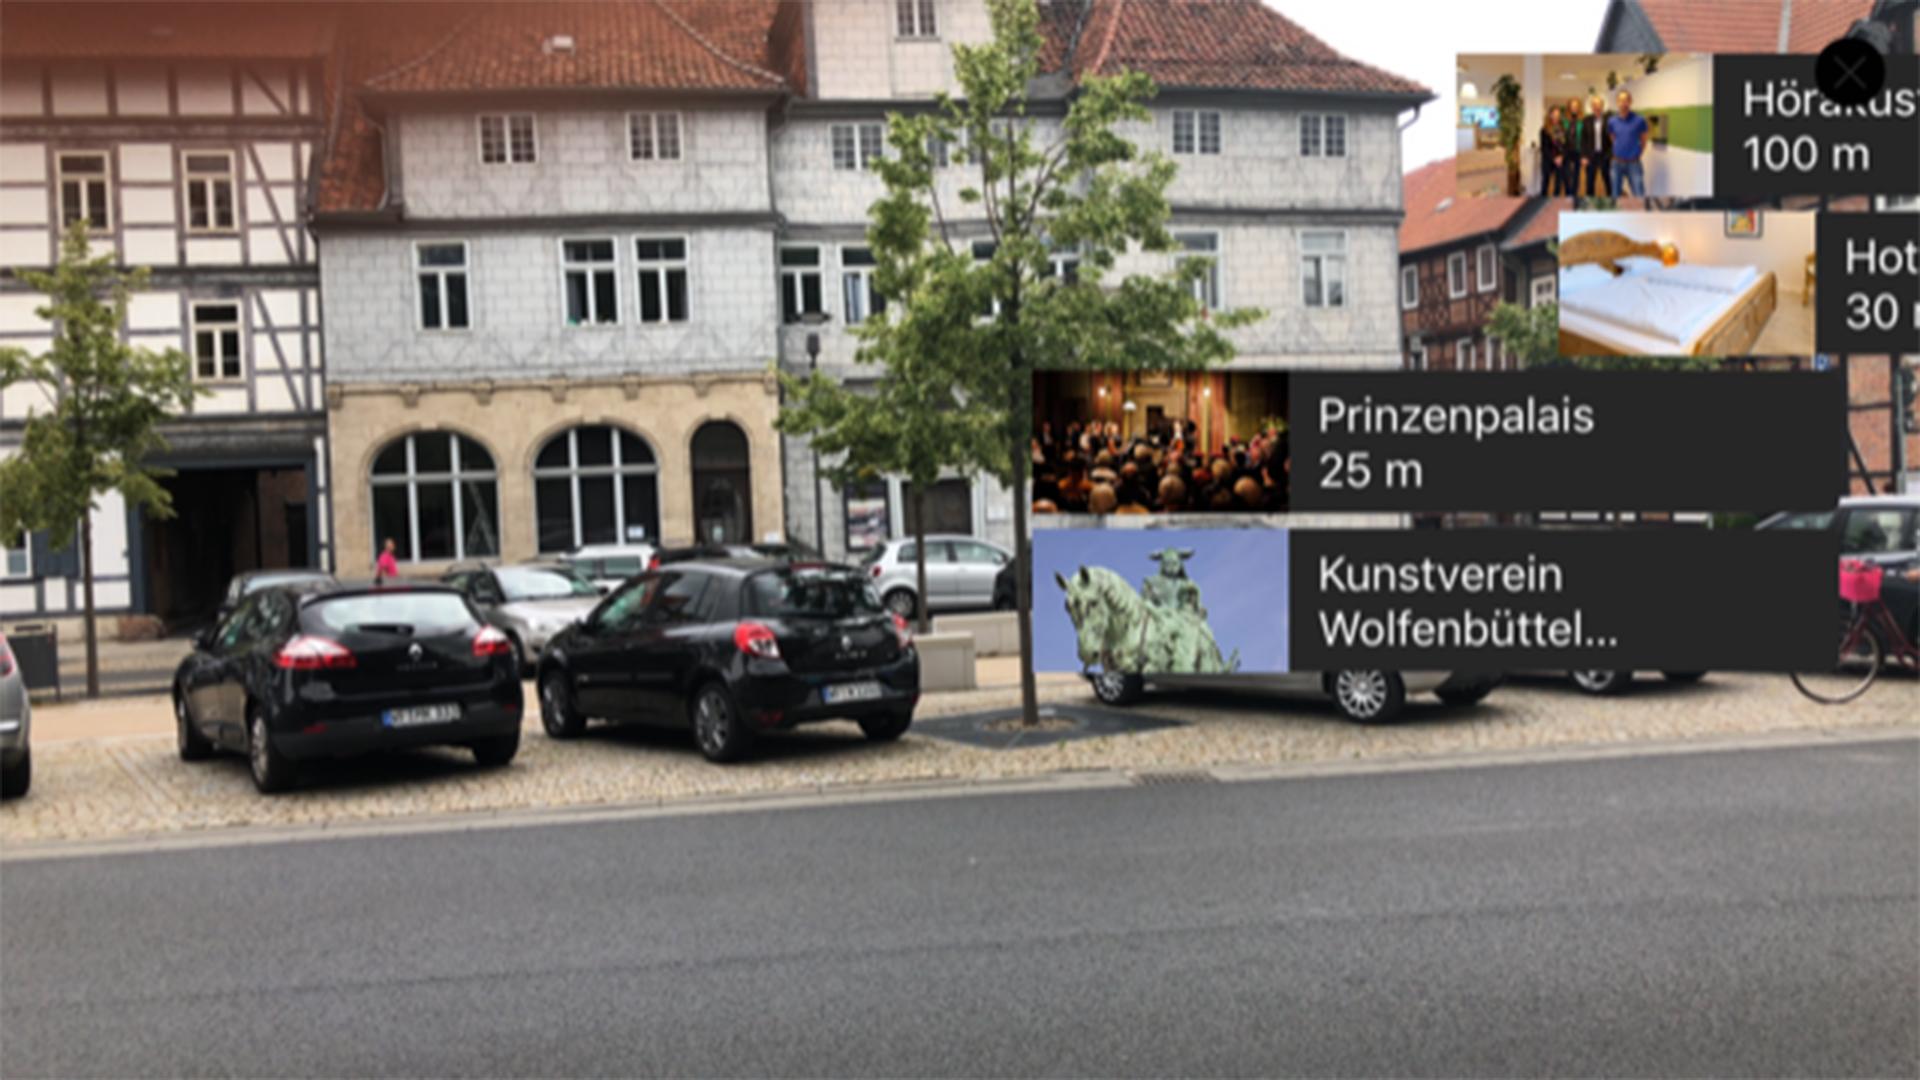 Die Welt in Wolfenbüttel durch die AR gesehen.